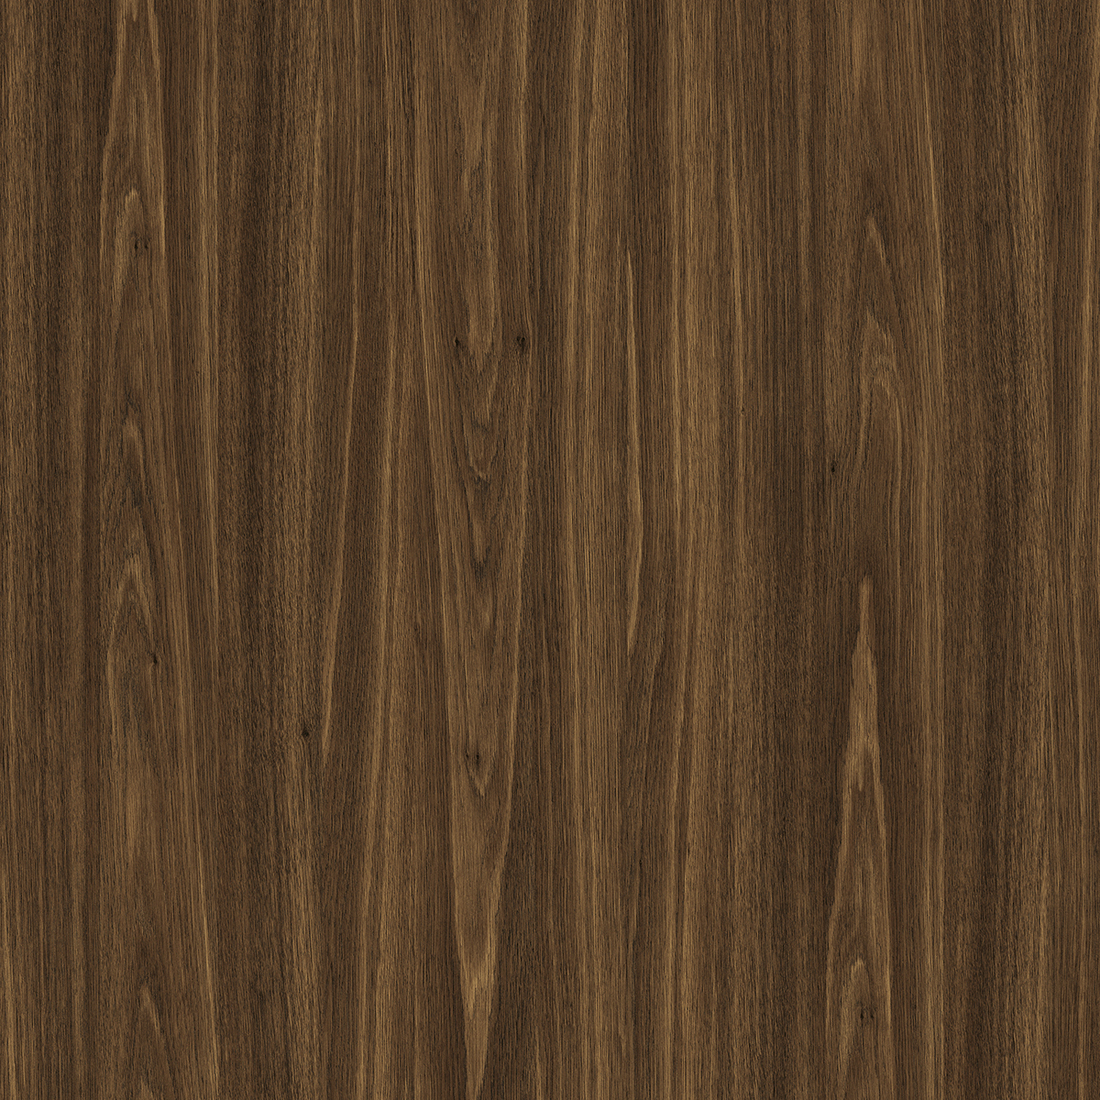 K082PW - Bourbon Oak